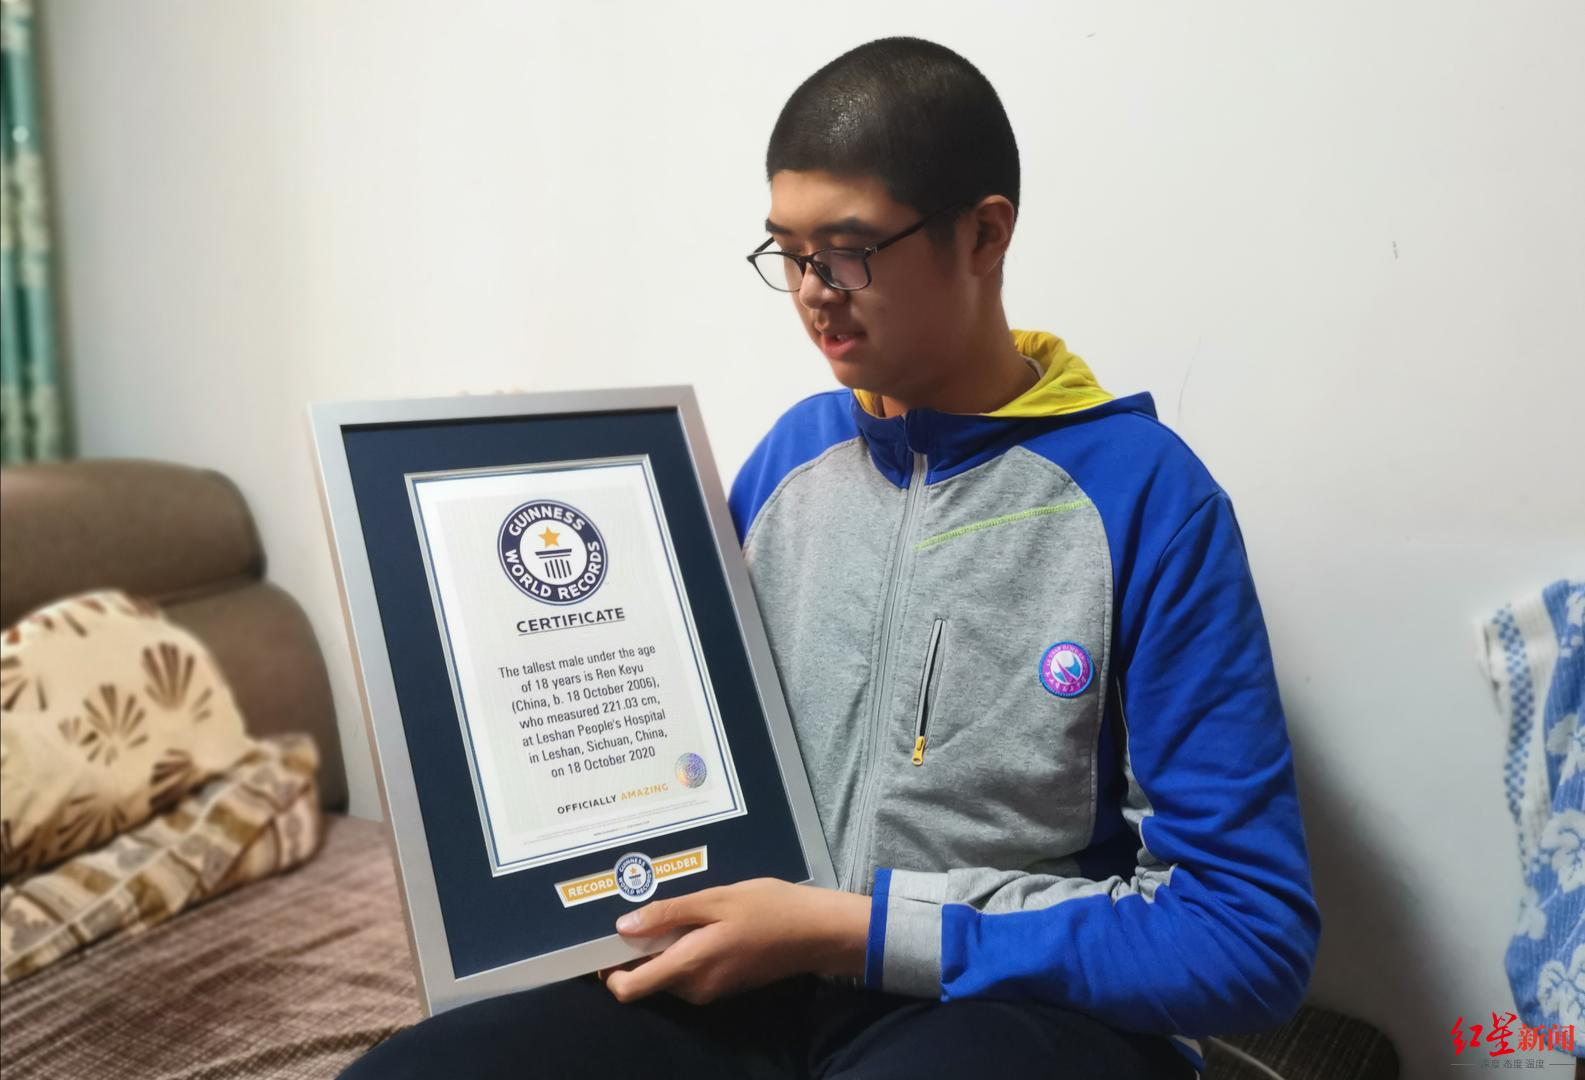 挑战吉尼斯纪录成功!四川乐山14岁男孩高221.03厘米,成世界最高青少年